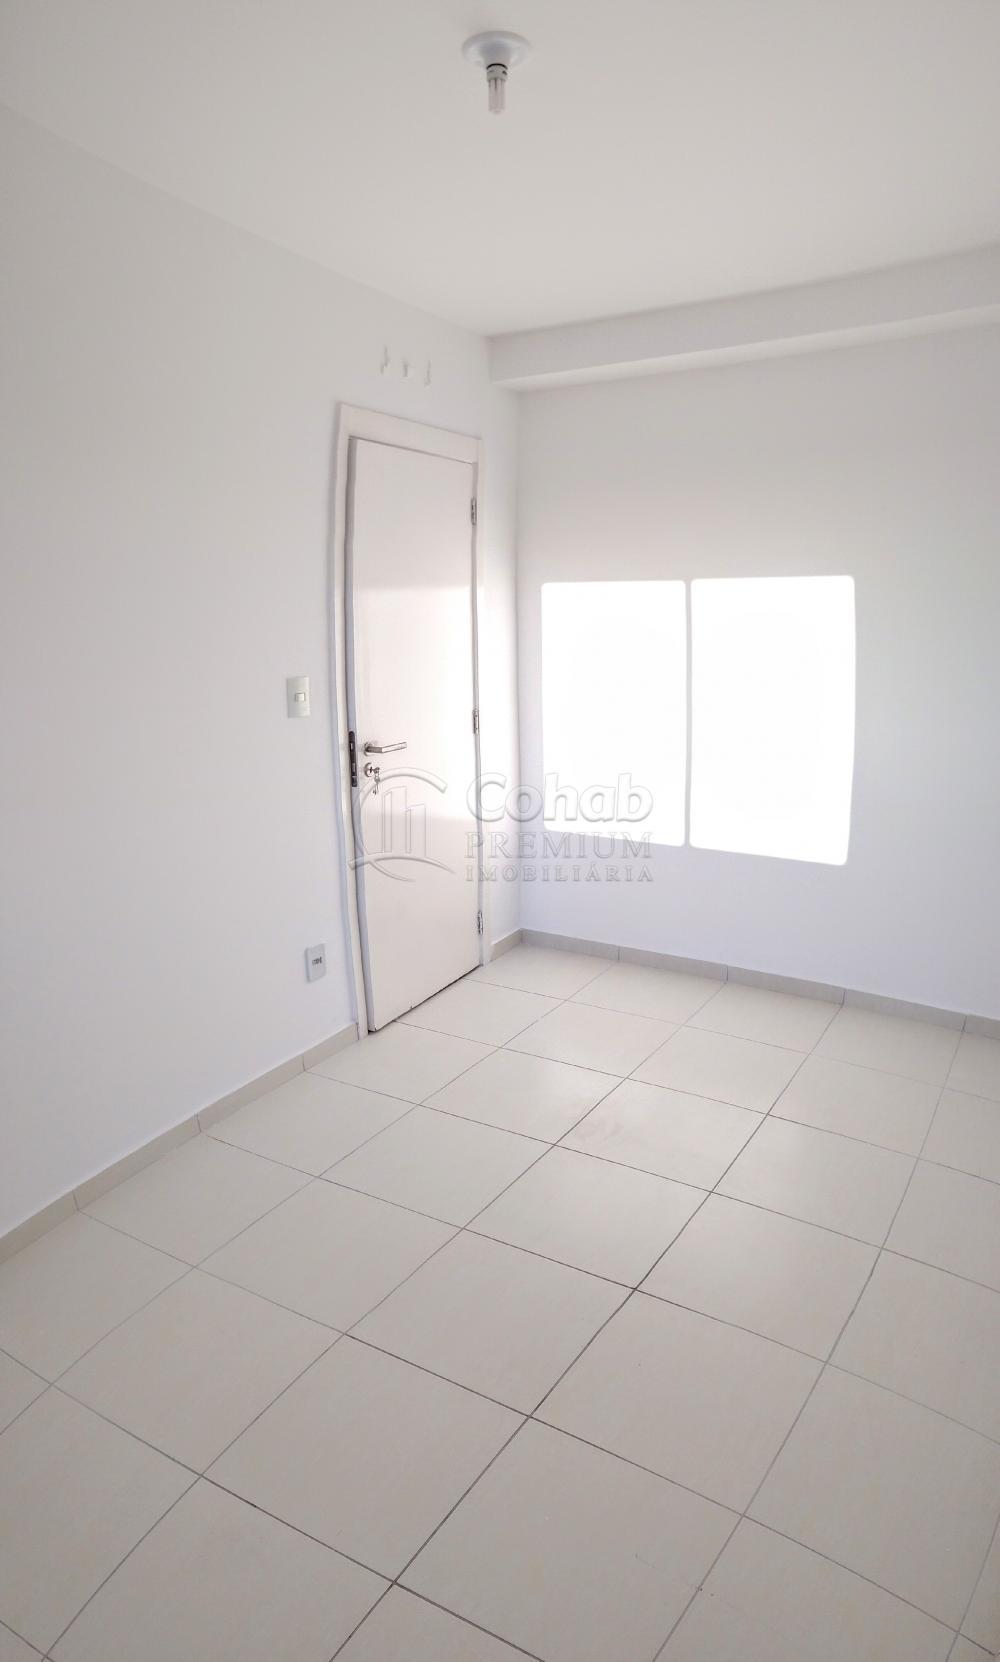 Alugar Apartamento / Padrão em Aracaju apenas R$ 1.300,00 - Foto 7